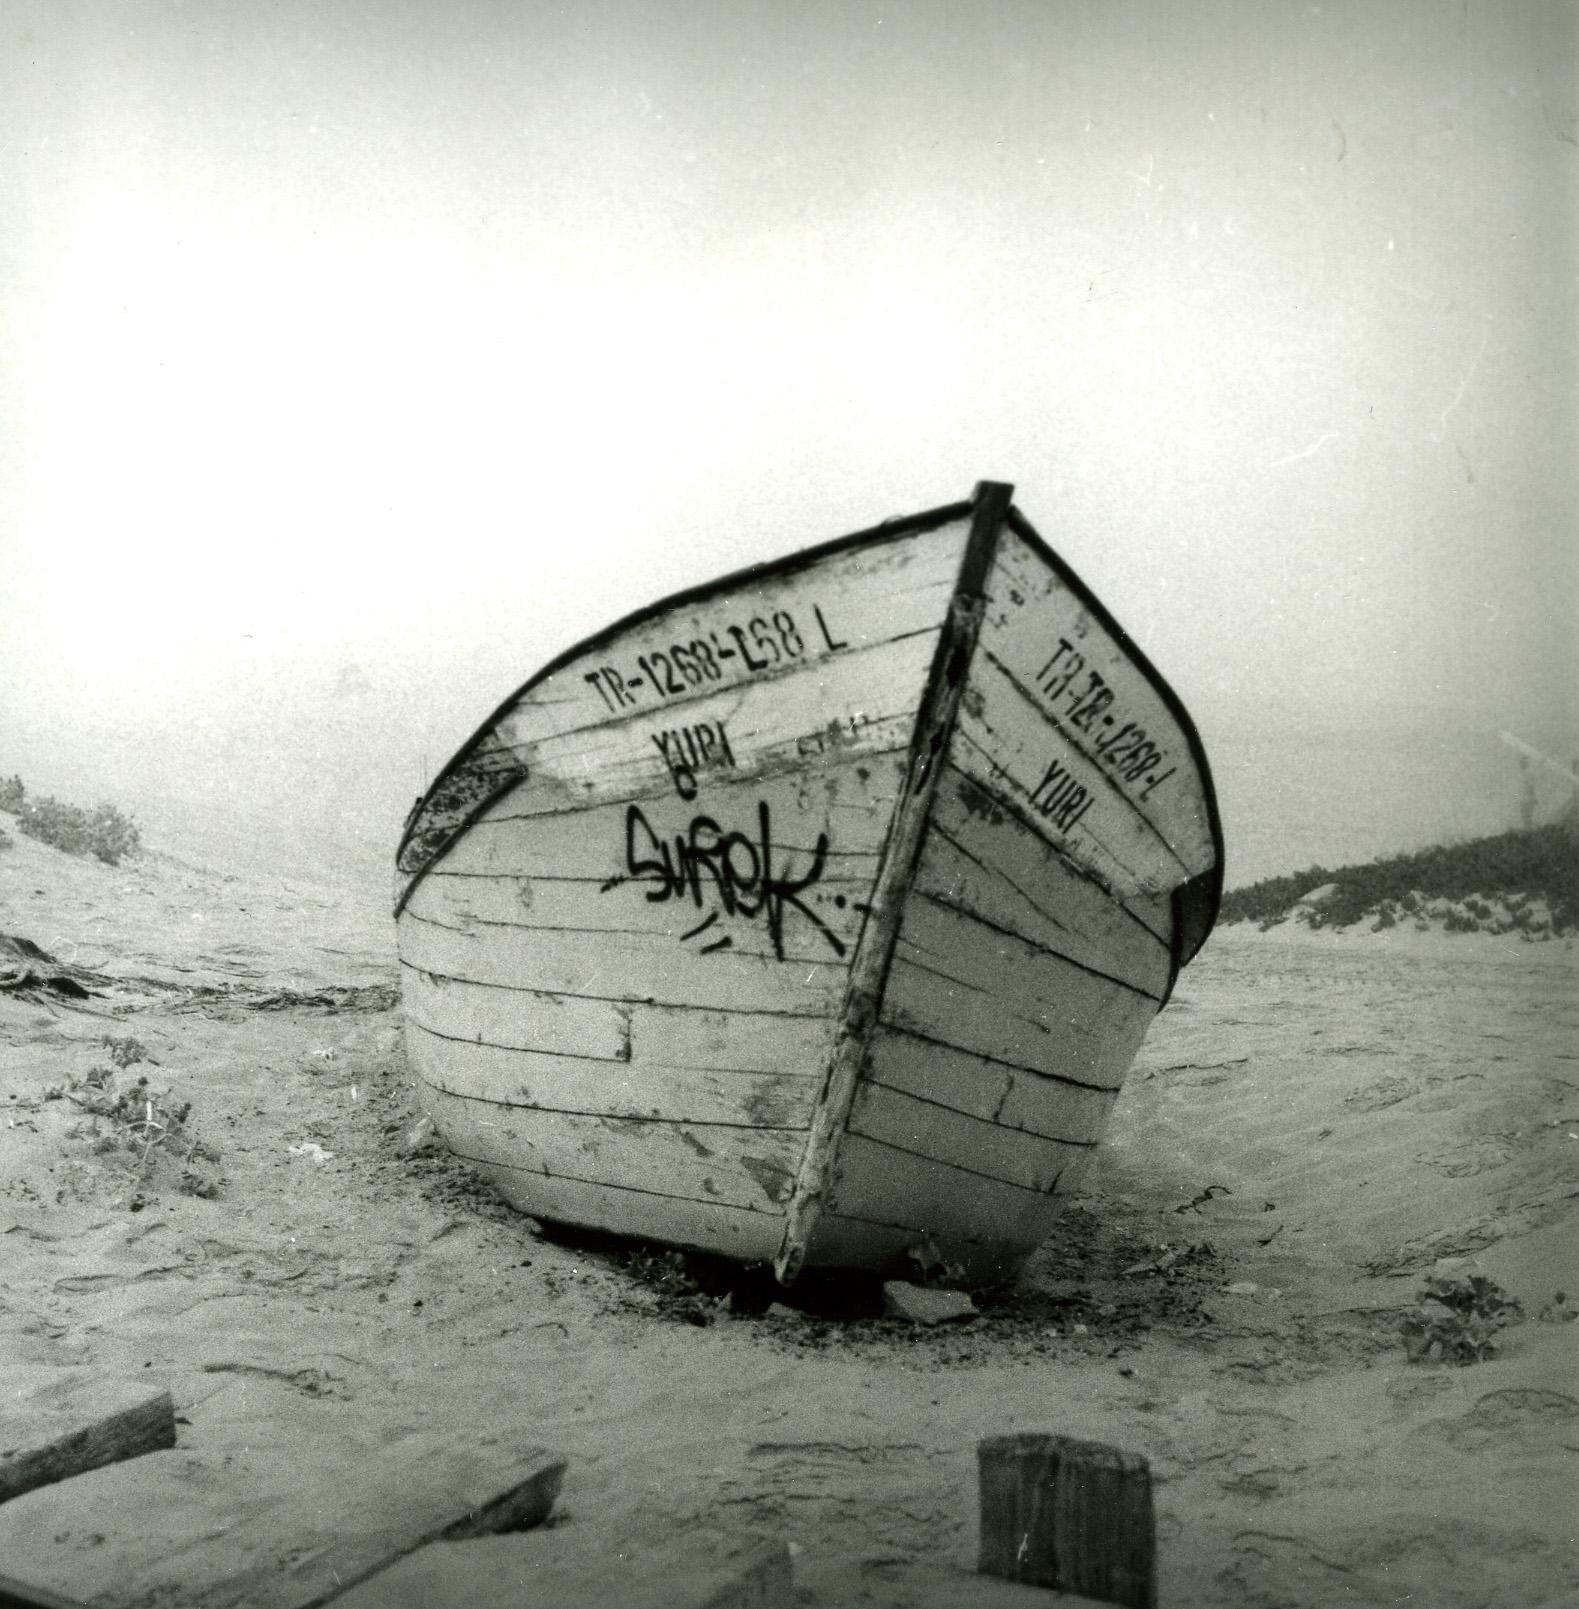 Boat on beach (Pic: Nuno Pinheiro)